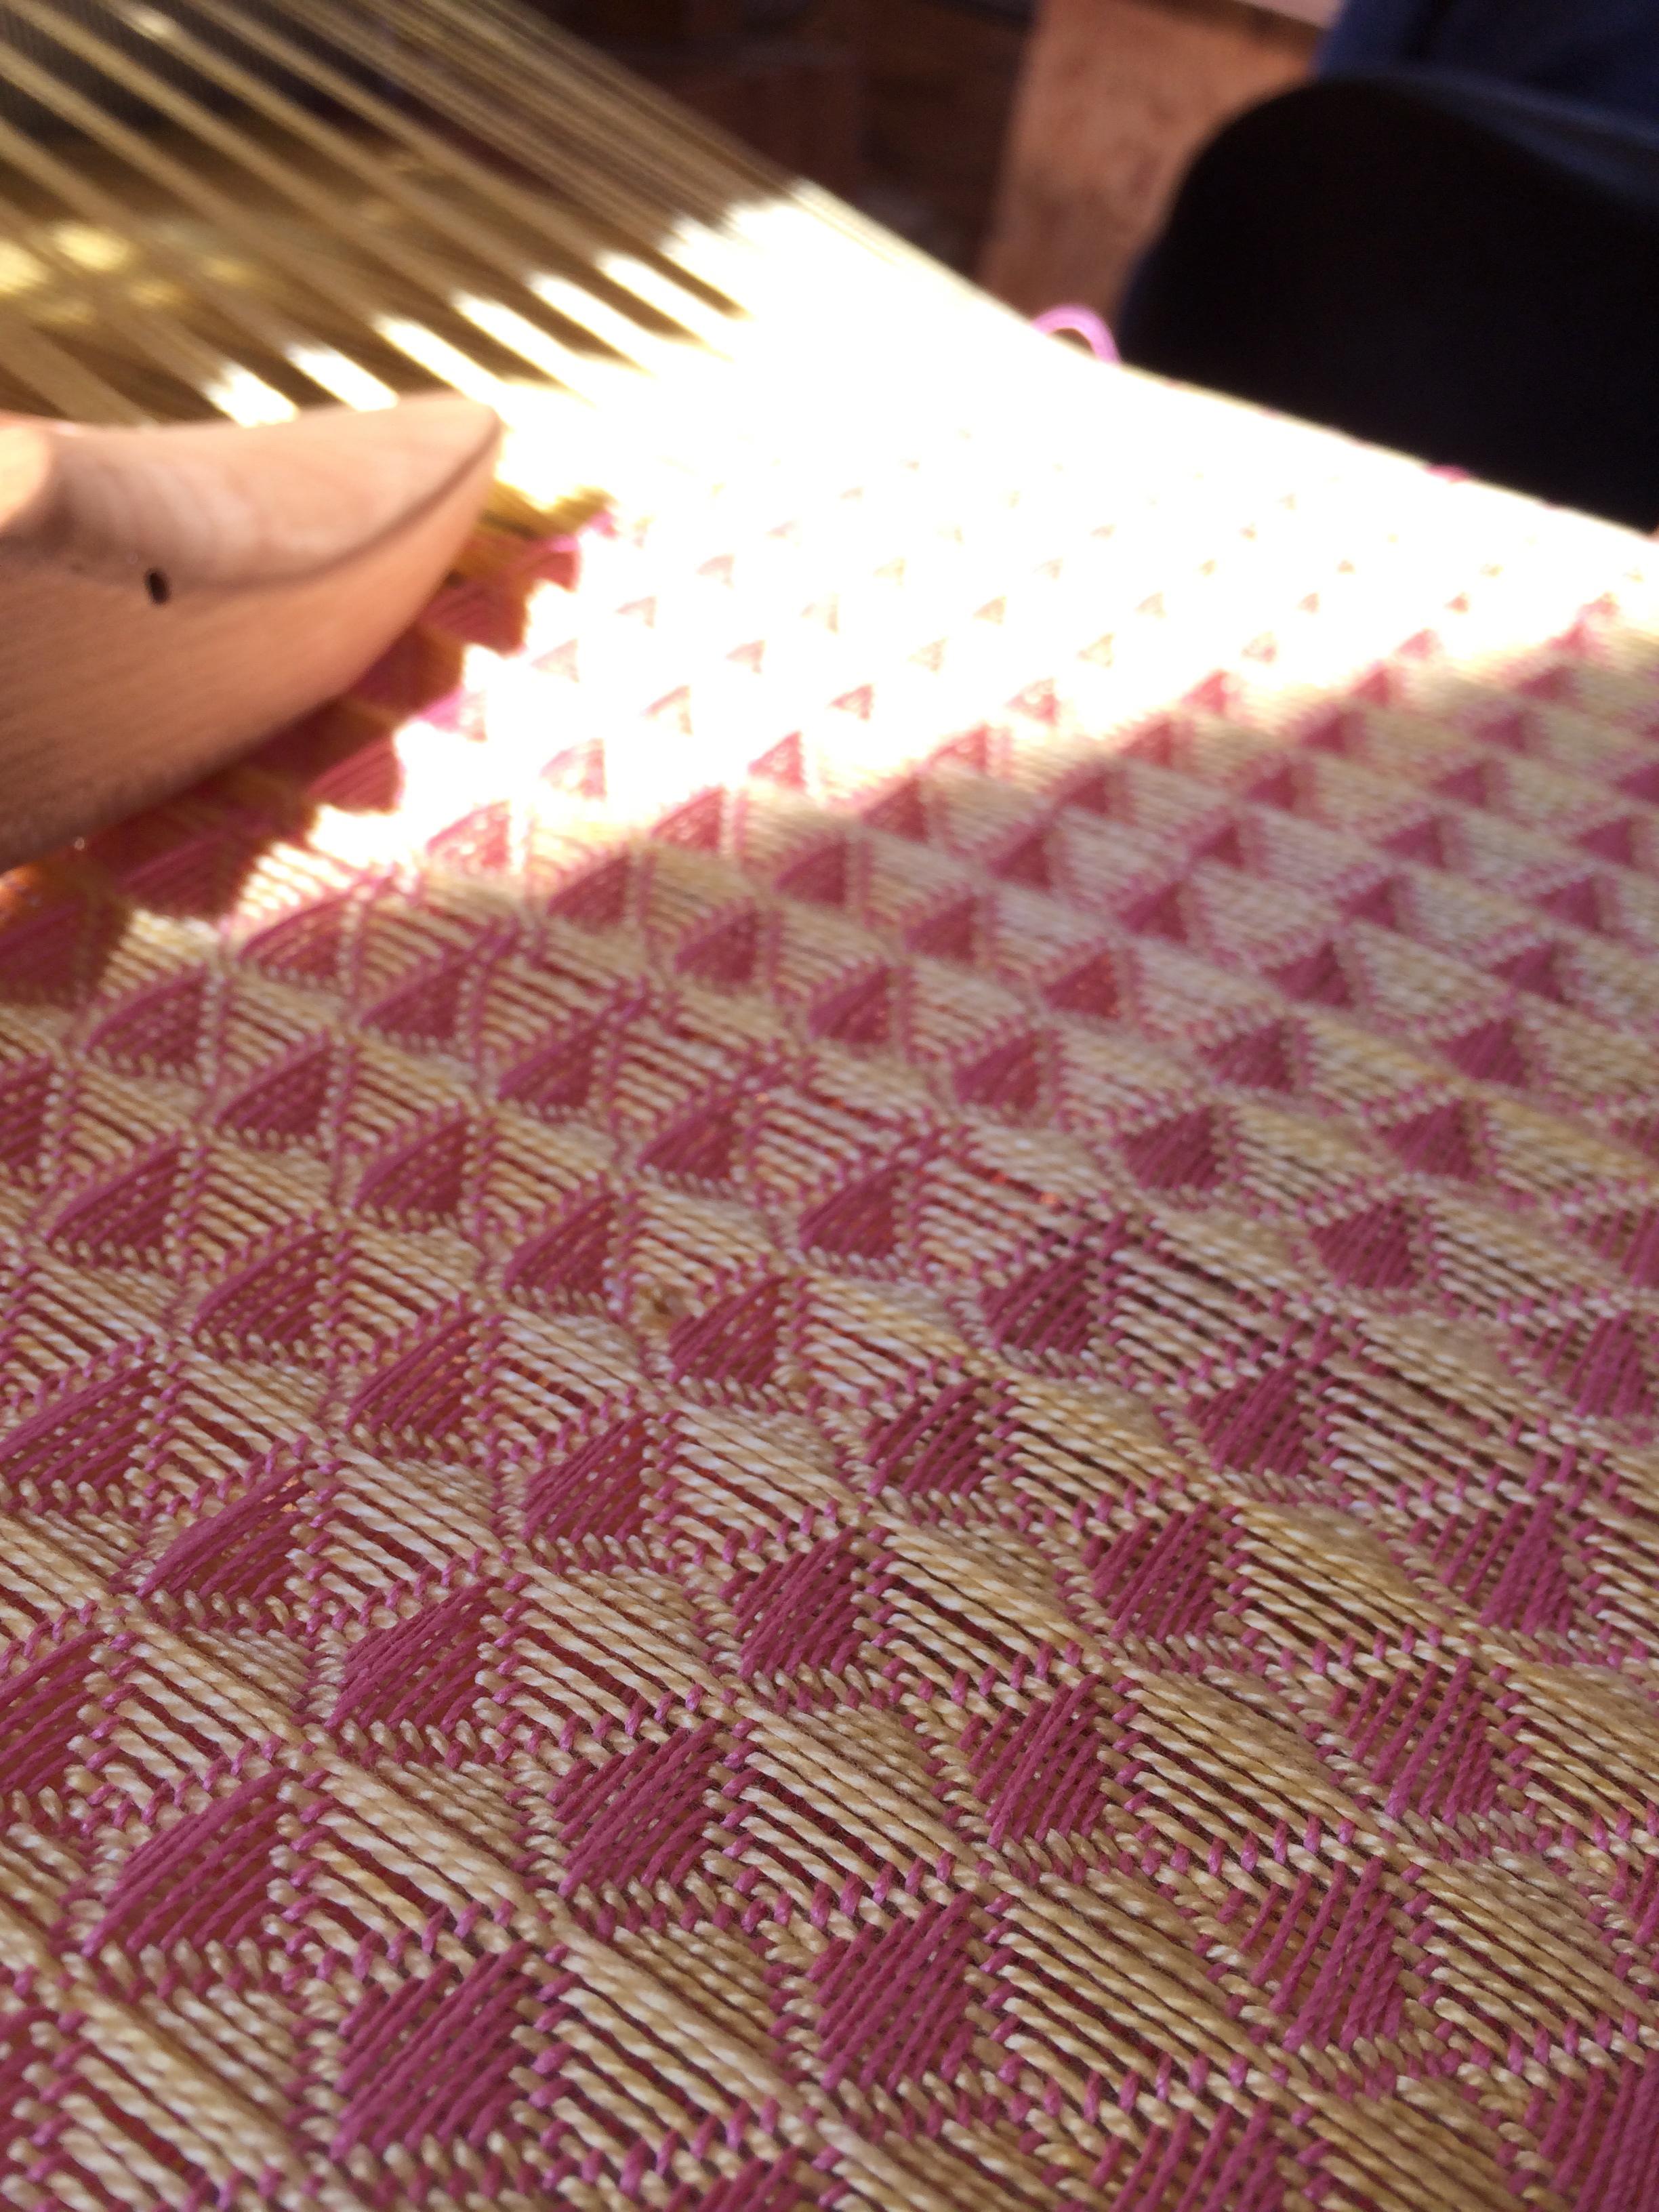 Still in progress on the loom